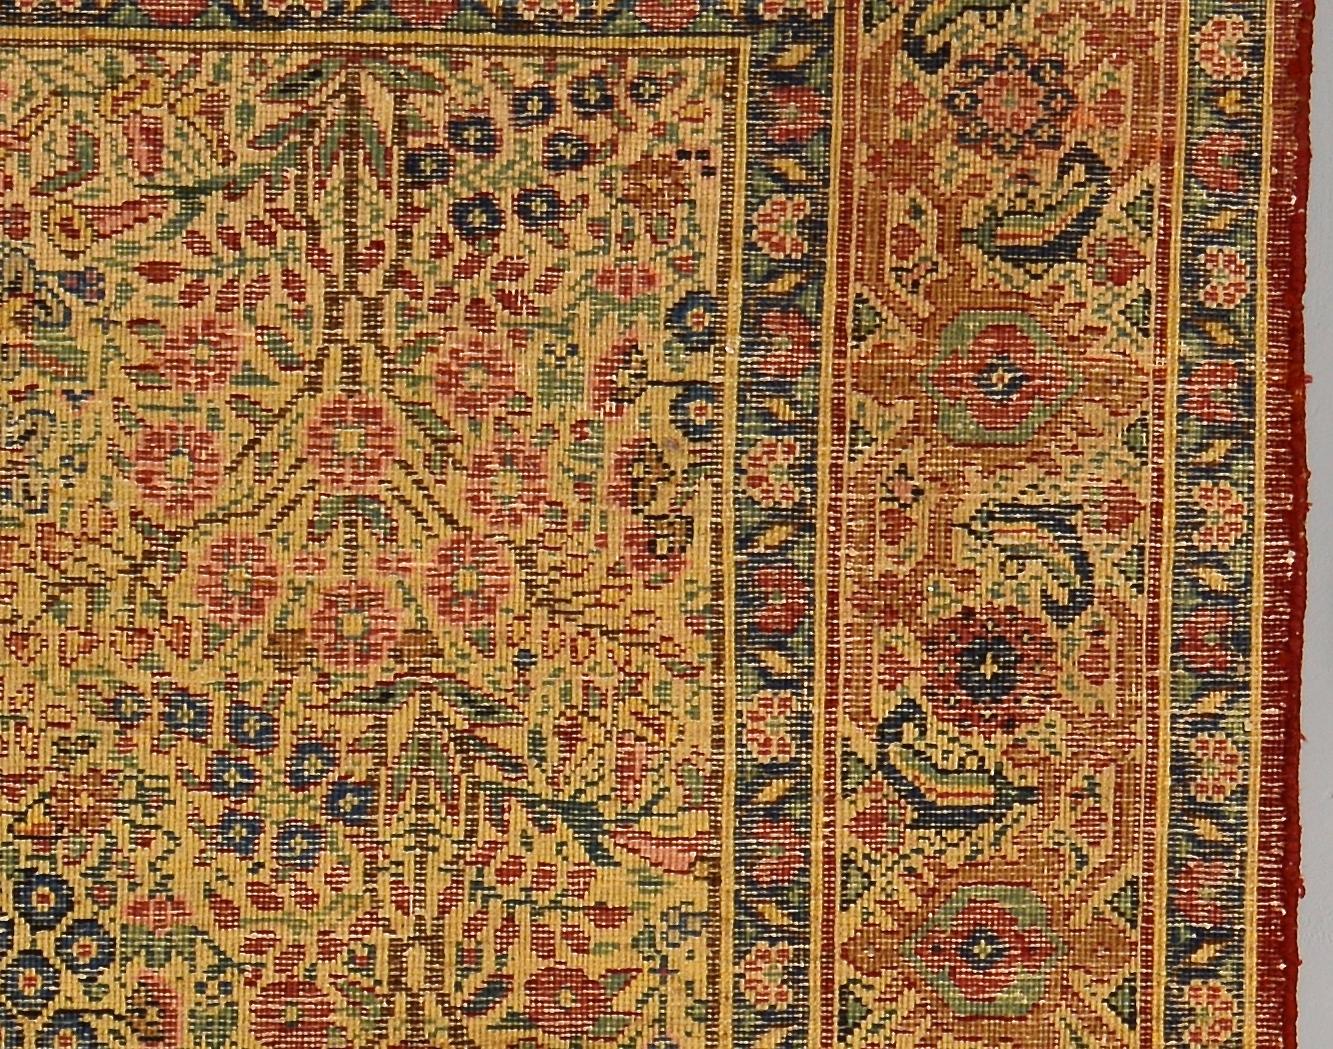 Lot 925: 2 Persian rugs, Kirman & Tribal